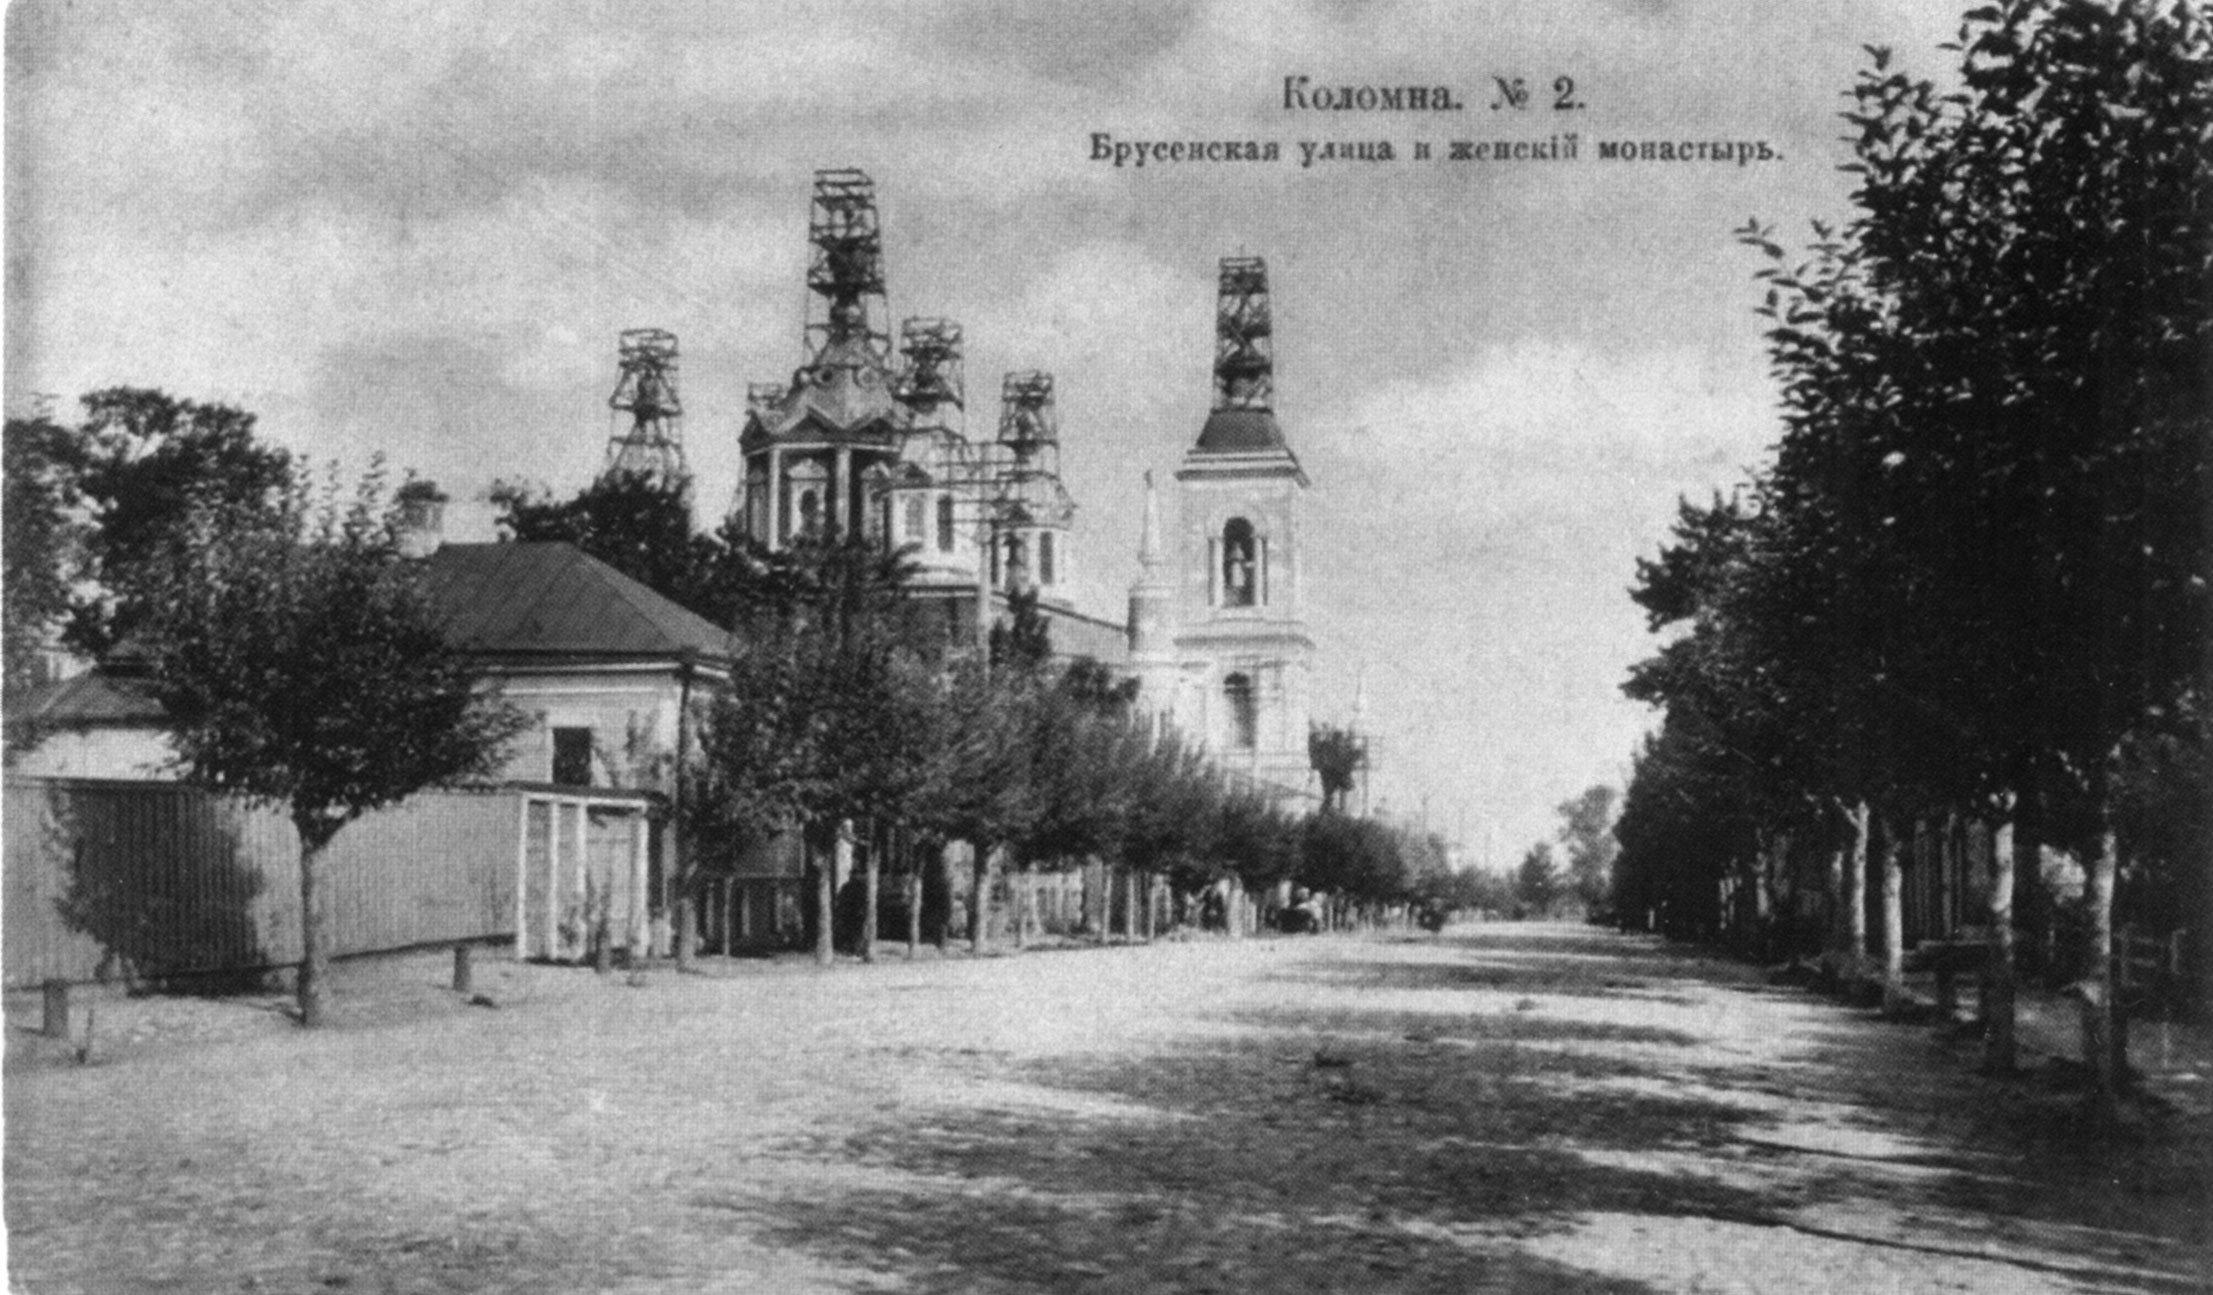 Брусенская улица и женский монастырь